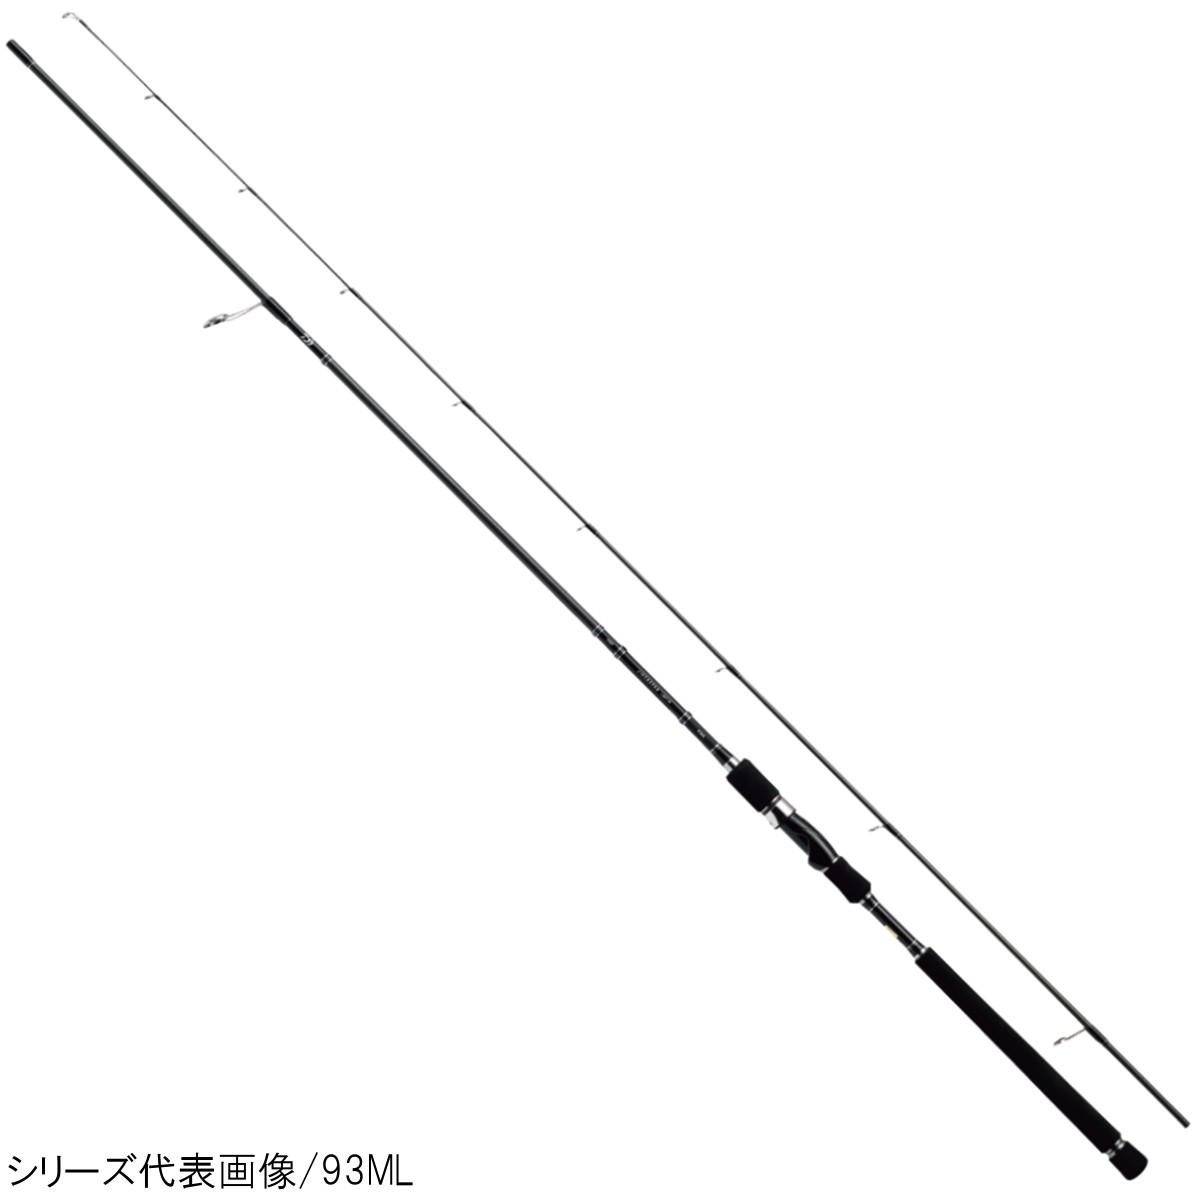 ダイワ ジグキャスター ライト MX 89L【送料無料】